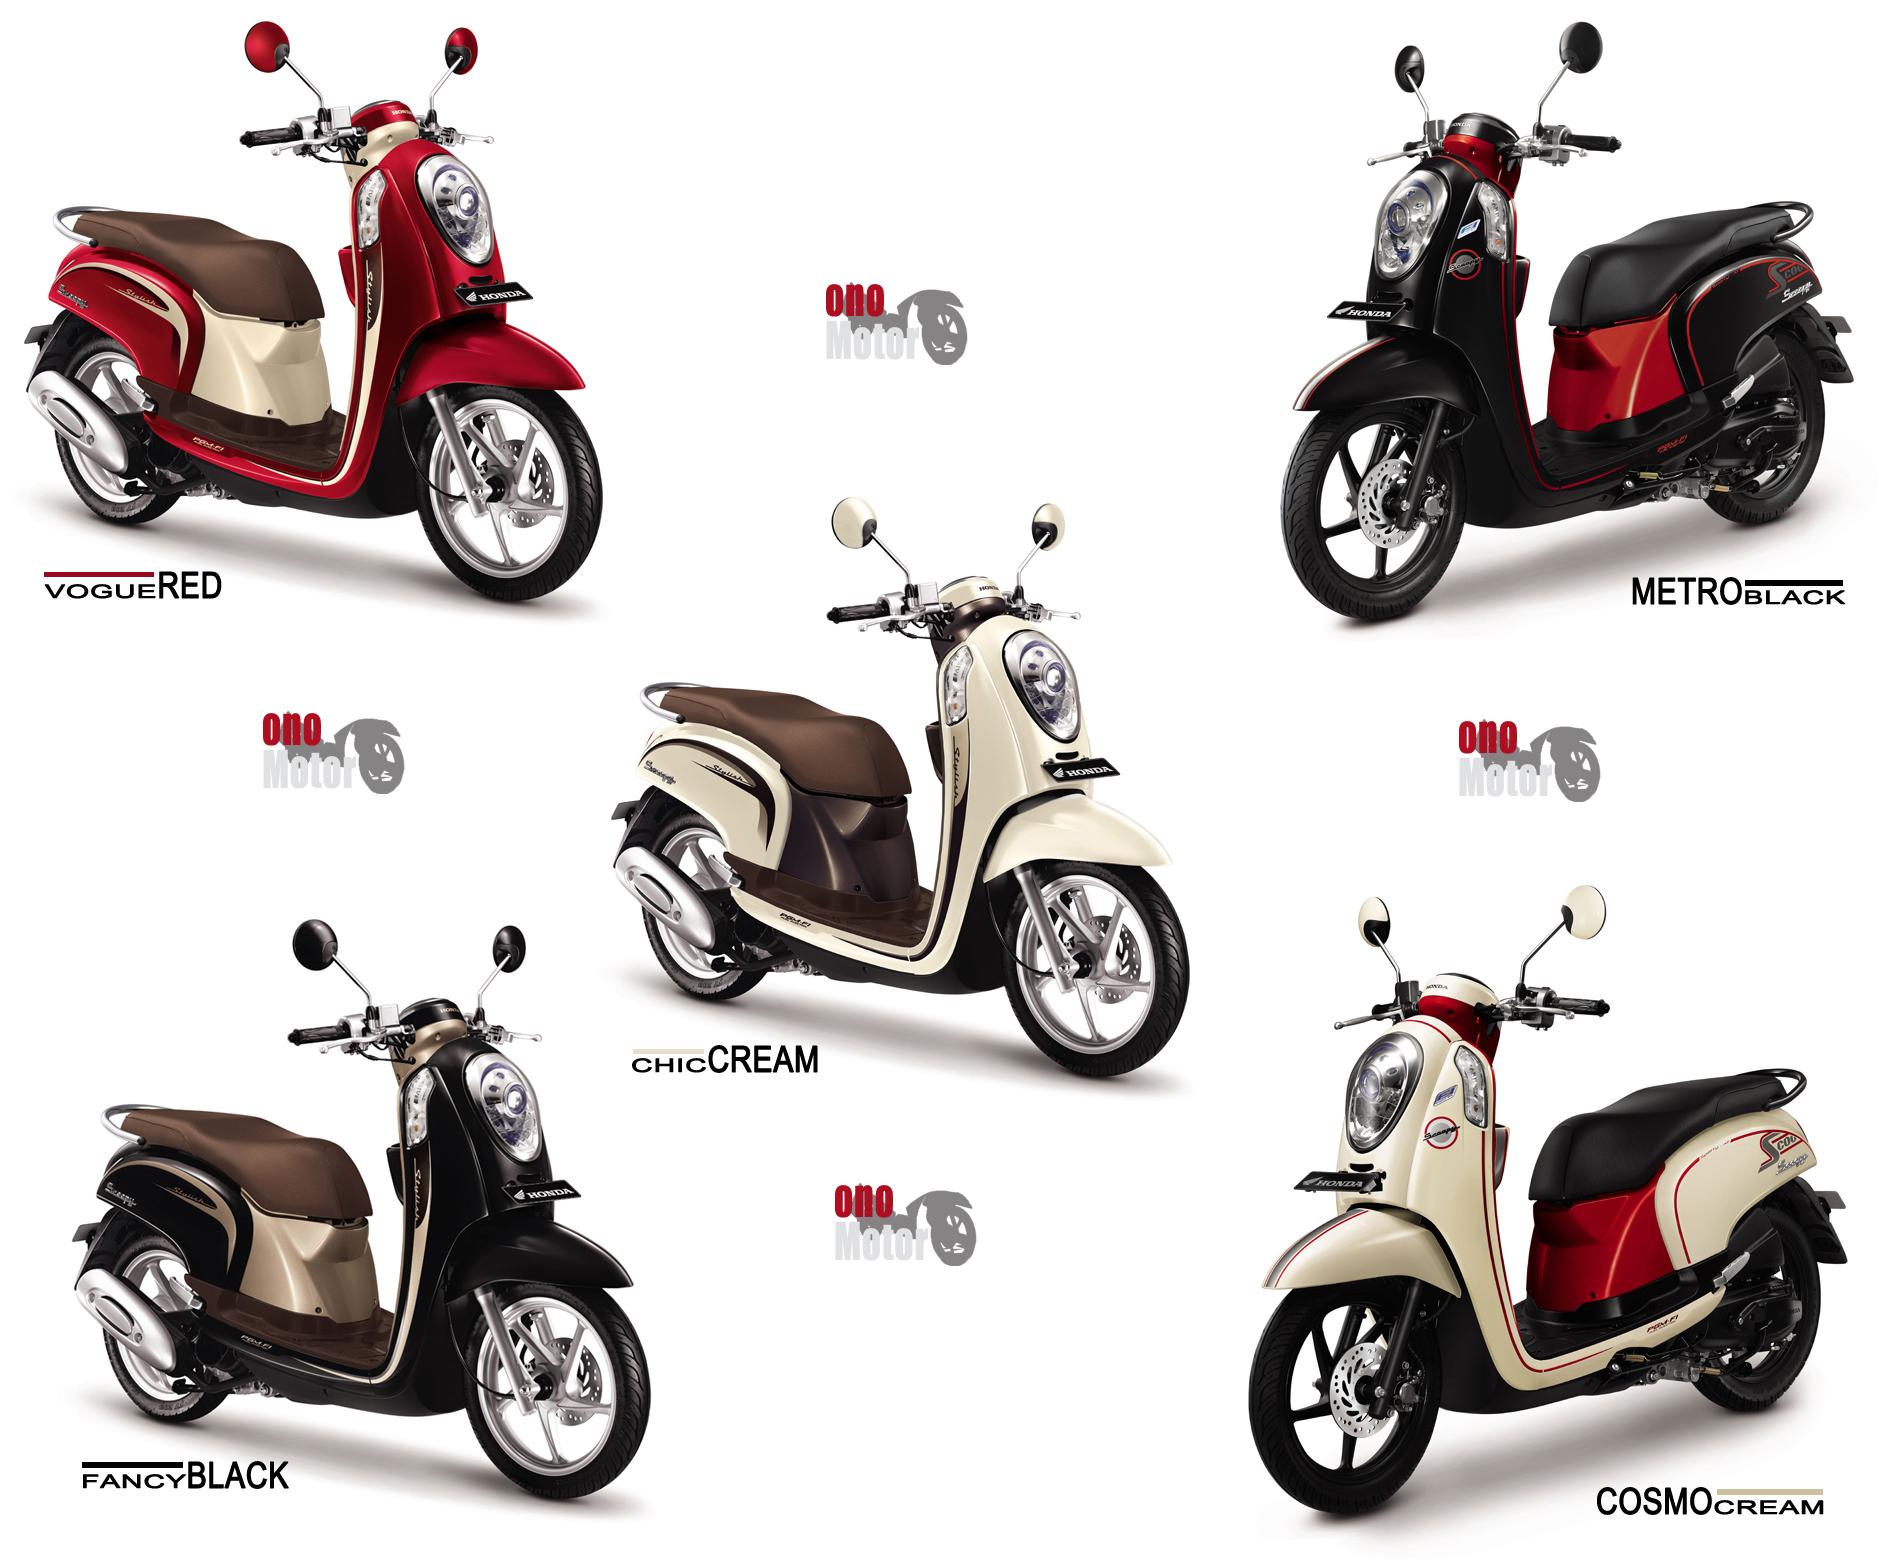 Koleksi Modifikasi Motor Matic Honda Scoopy Terlengkap Kampong Motor